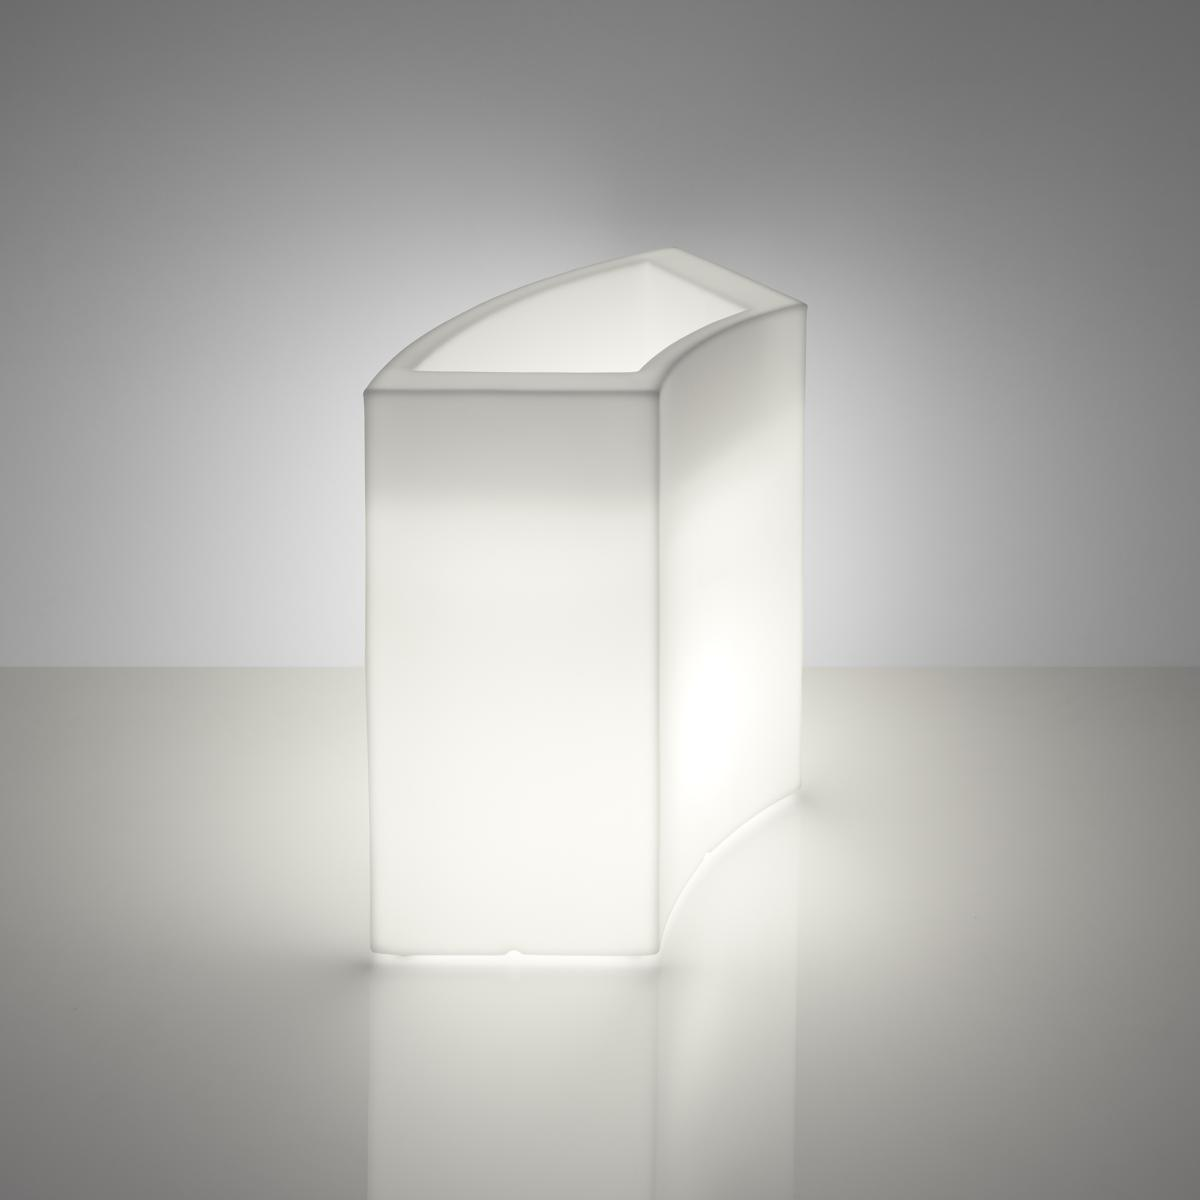 Die Ice Bar, ideal als Flaschenkühler. Kann aber auch mit Pflanzen oder anderen Dingen dekoriert werden.